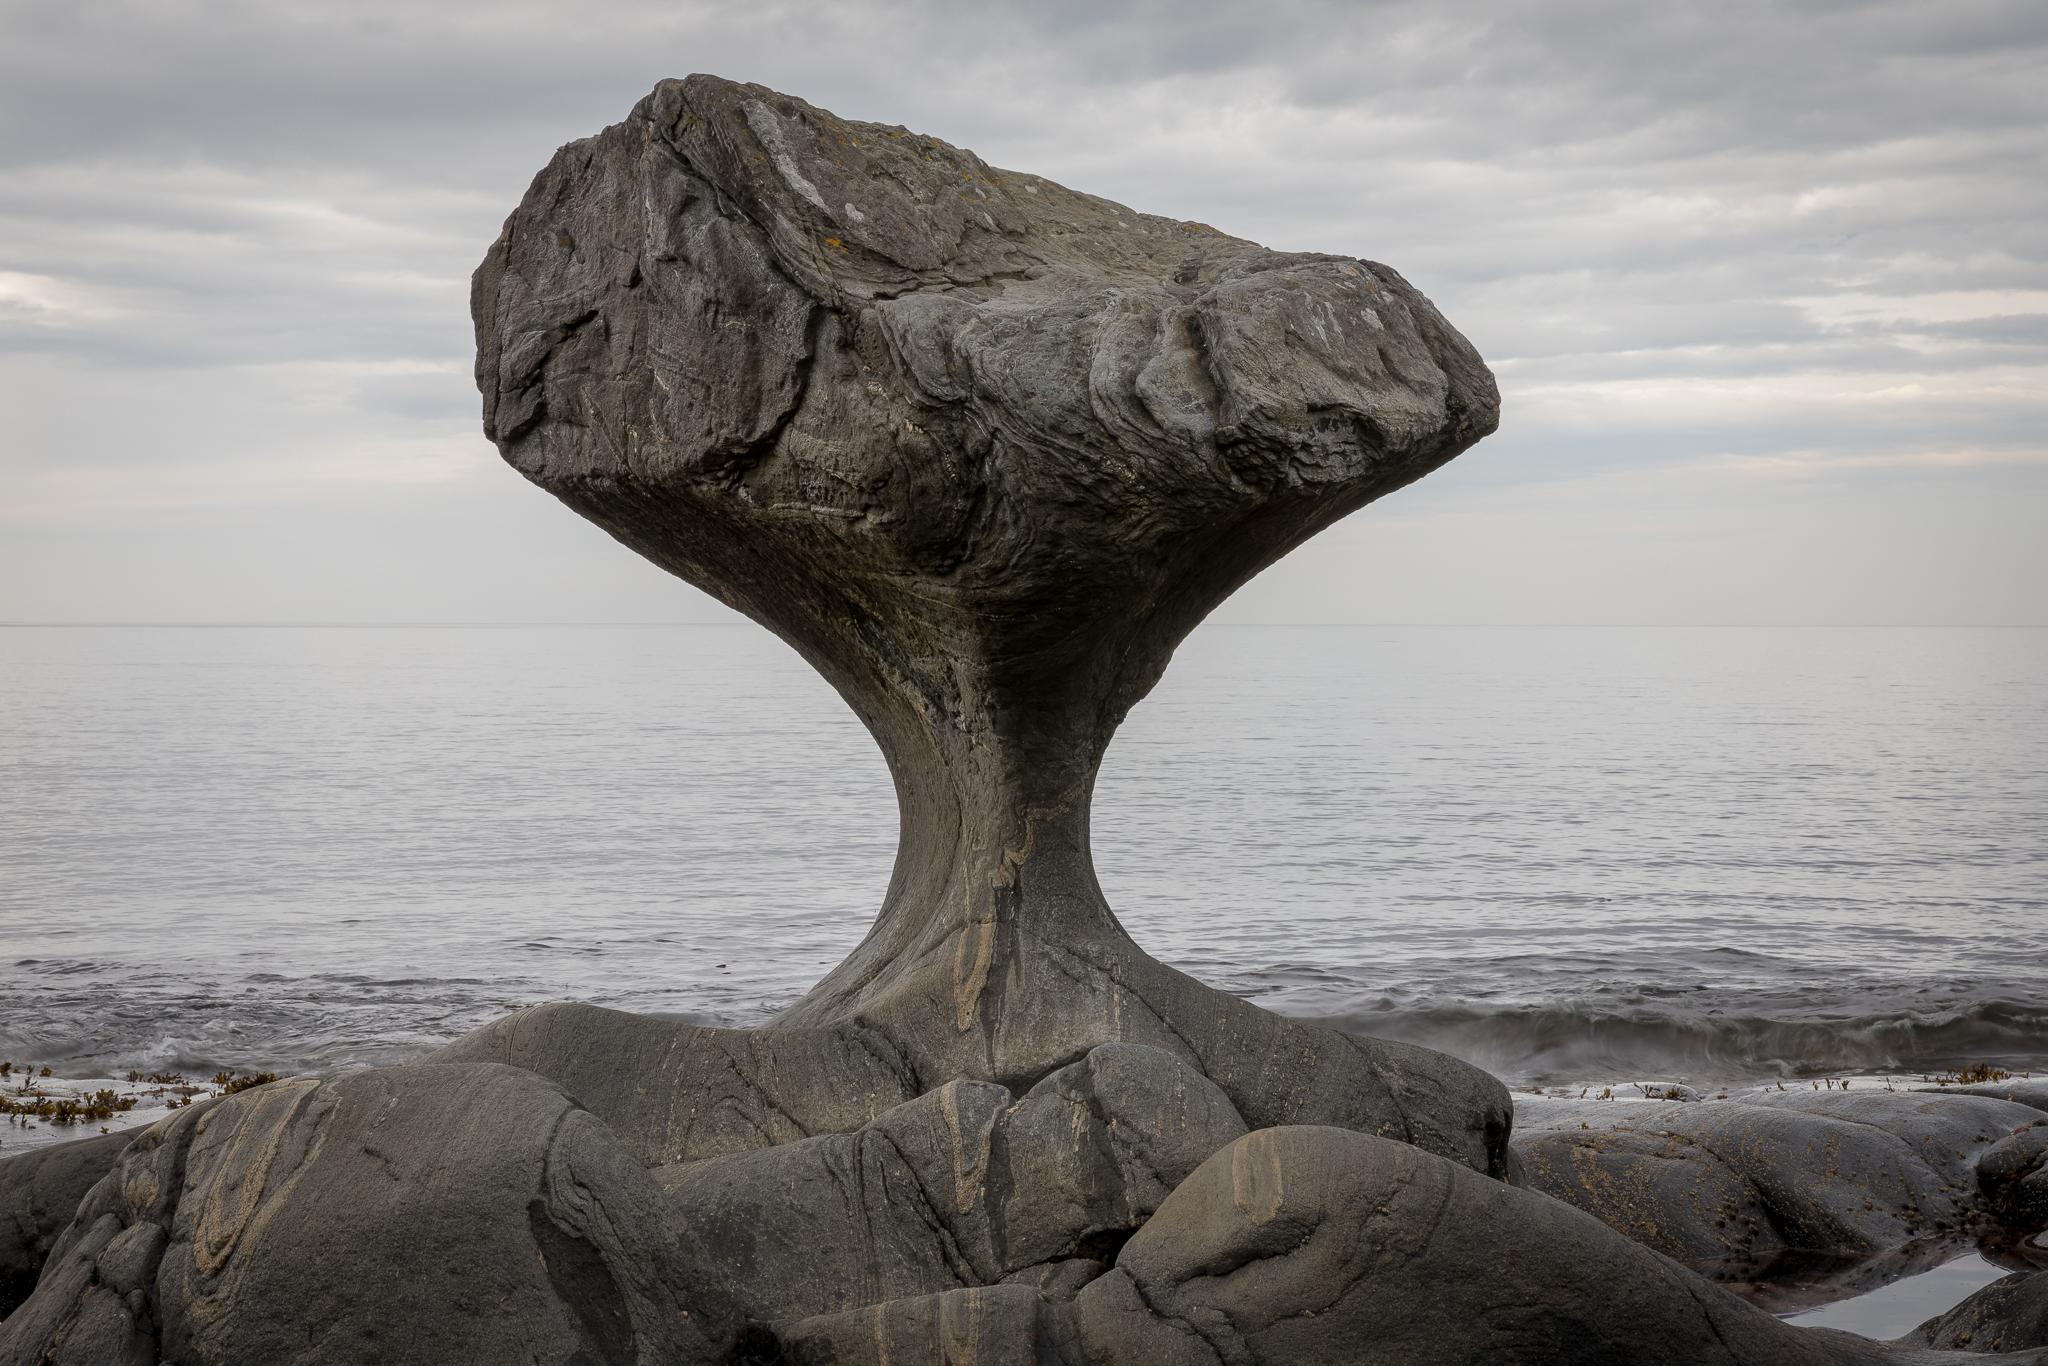 KANNESTEINEN ROCK, Norway